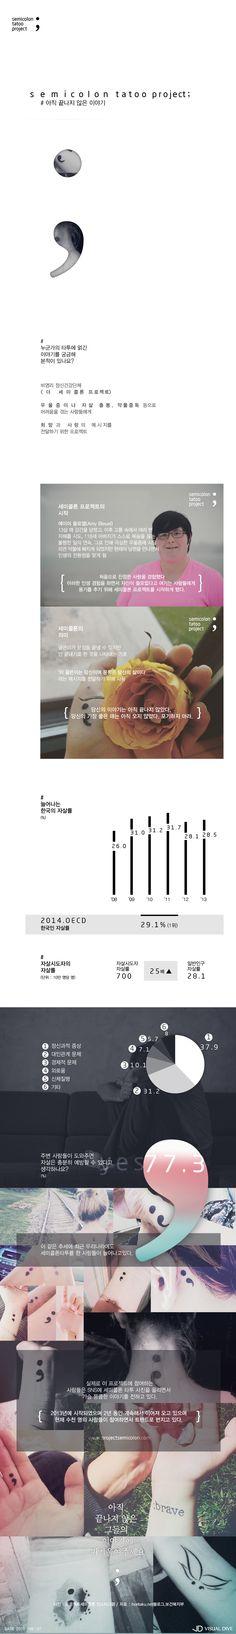 """'세미콜론 타투'의 눈물 담긴 의미…""""끝까지 포기말라"""" [인포그래픽] #Semicolon / #Infographic ⓒ 비주얼다이브 무단 복사·전재·재배포 금지"""